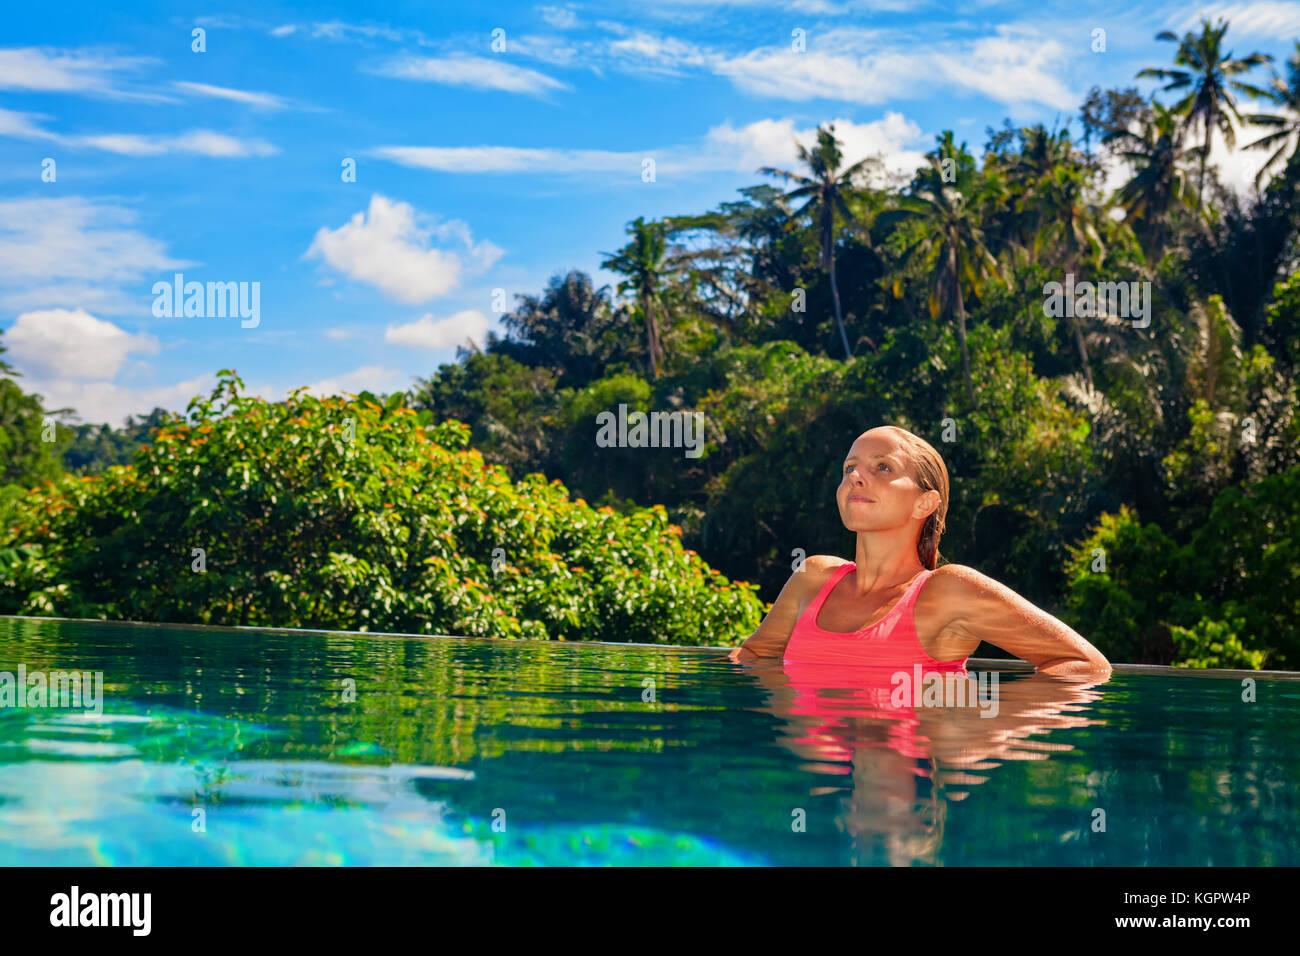 Woman on été plage vacances de détente dans l'hôtel spa de luxe en piscine à débordement avec vue sur la jungle Banque D'Images